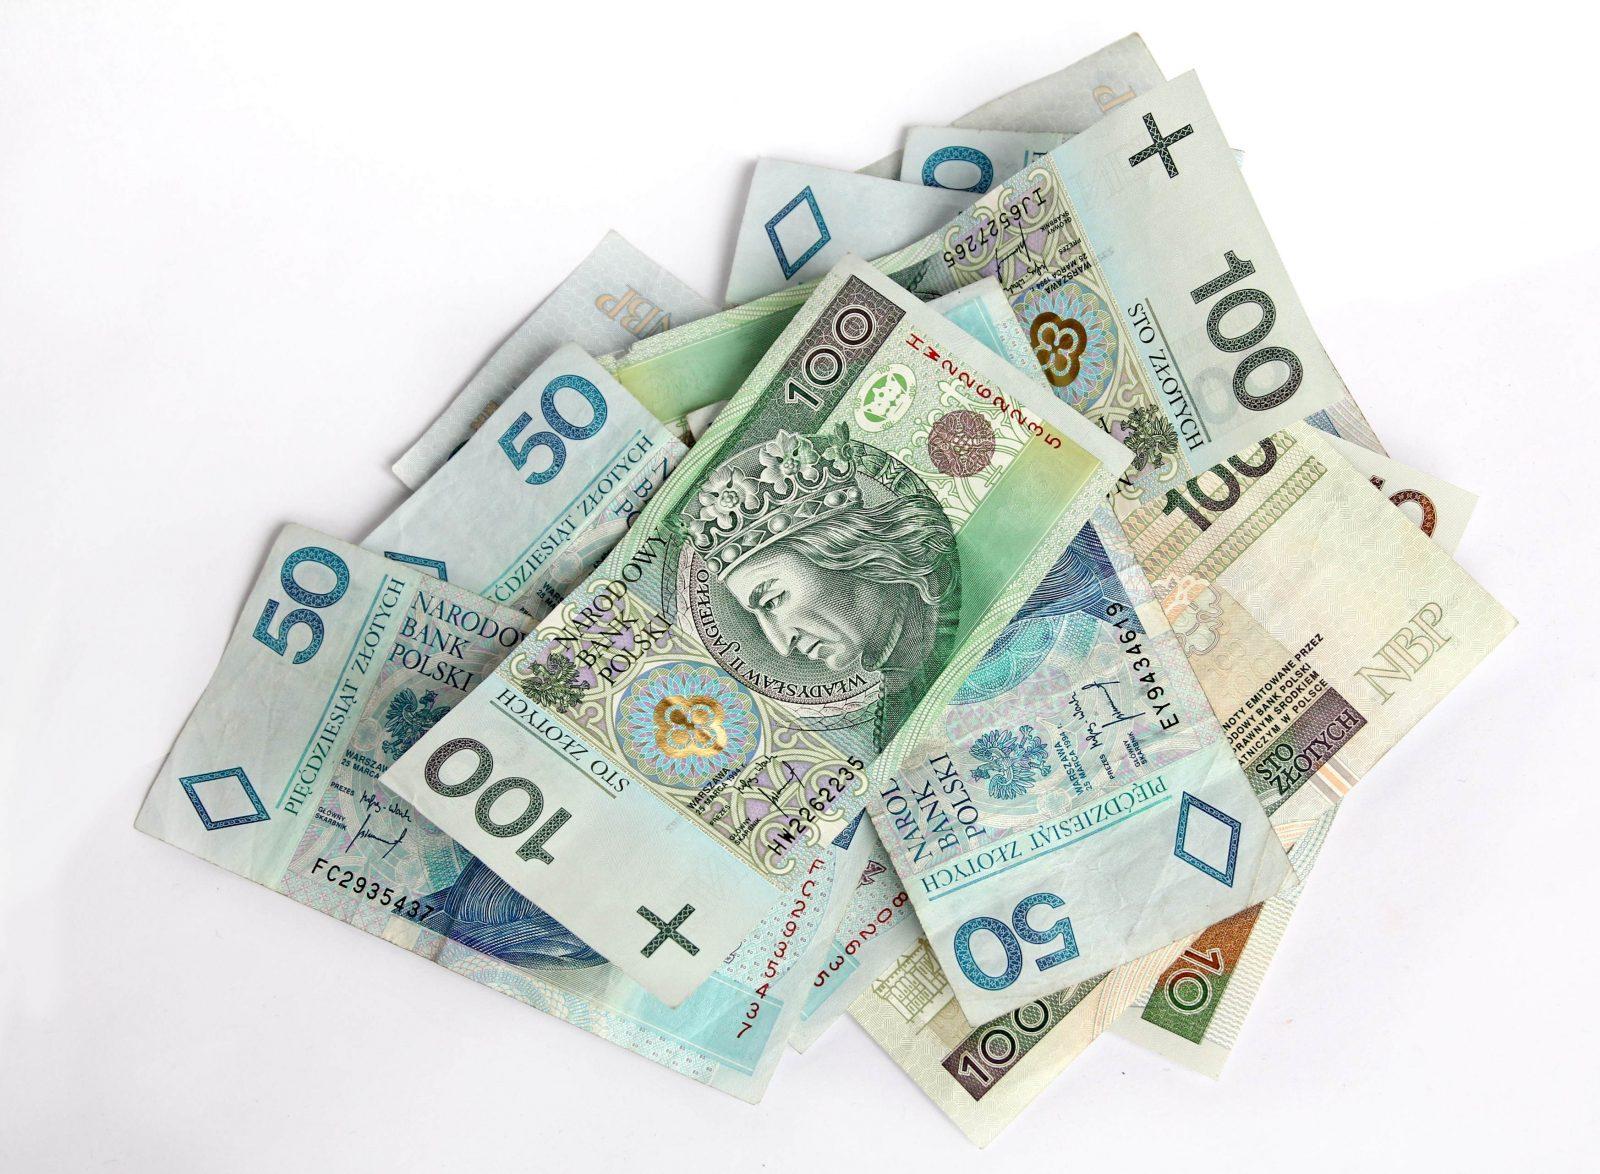 Como receber o Tax Free de suas compras no exterior 5 dica Viaje Global